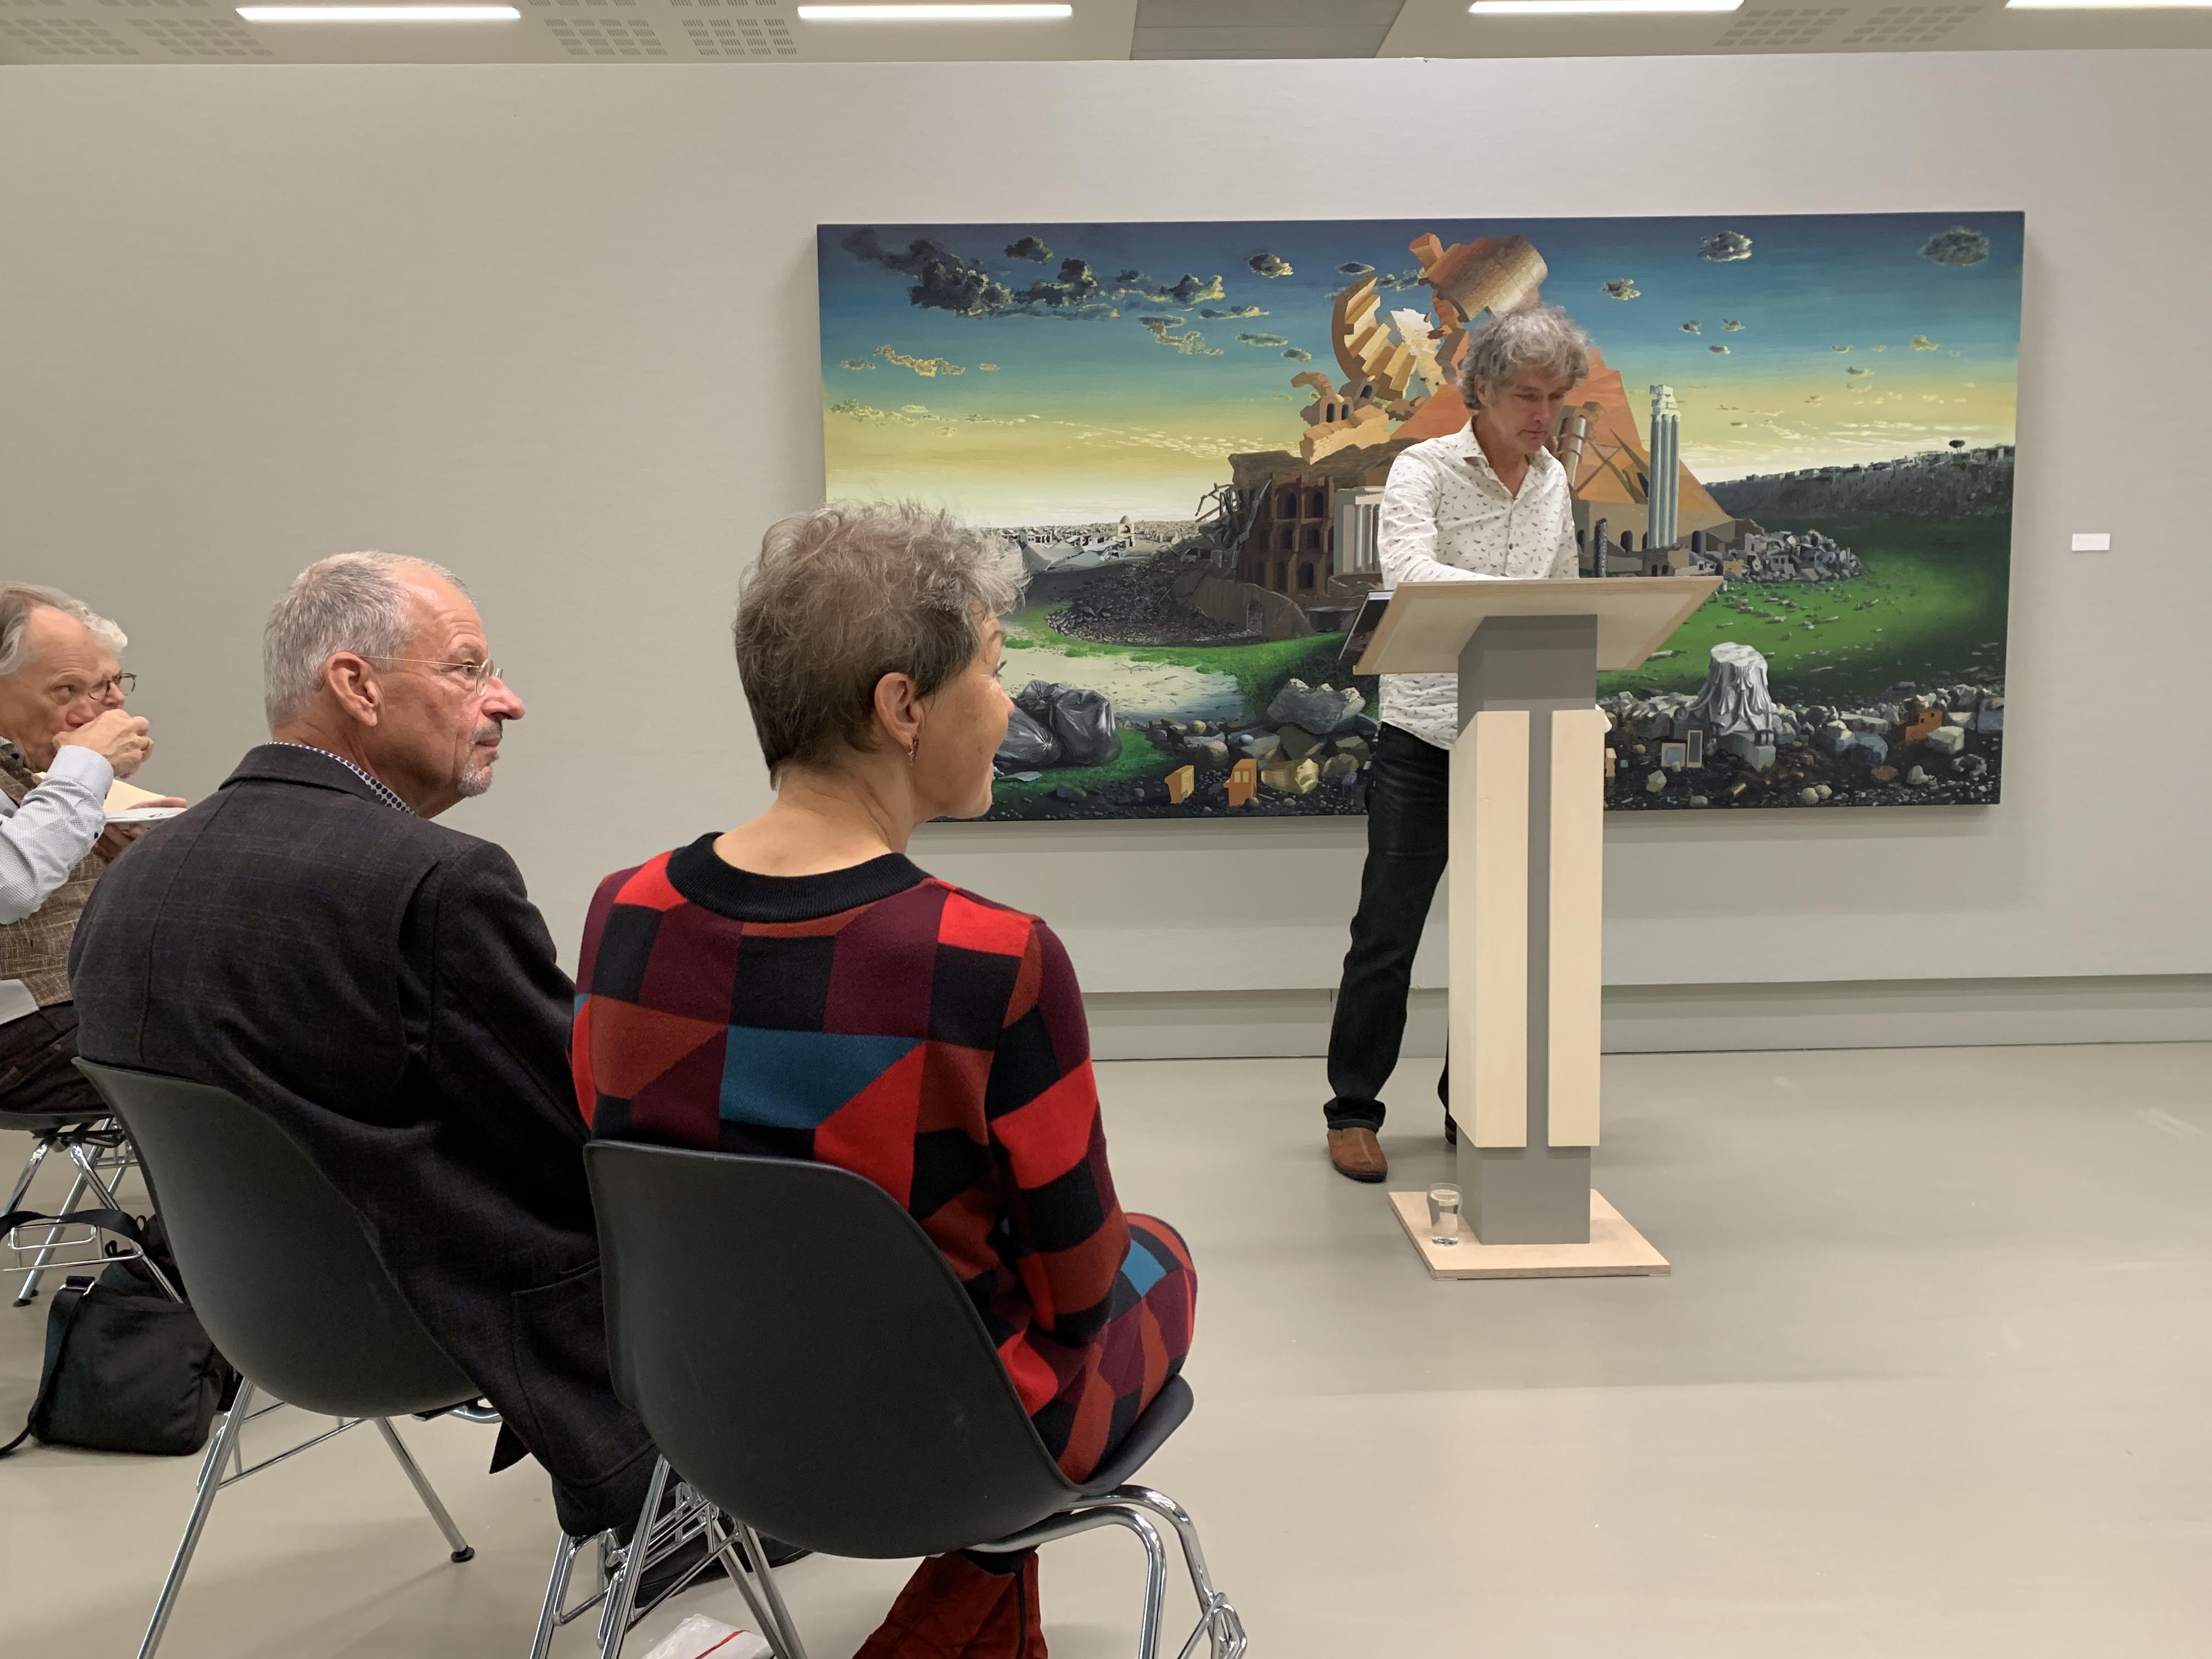 Gezicht op drie mensen die zittend luisteren naar een staande man, die met als achtergrond een schilderij een lezing geeft.